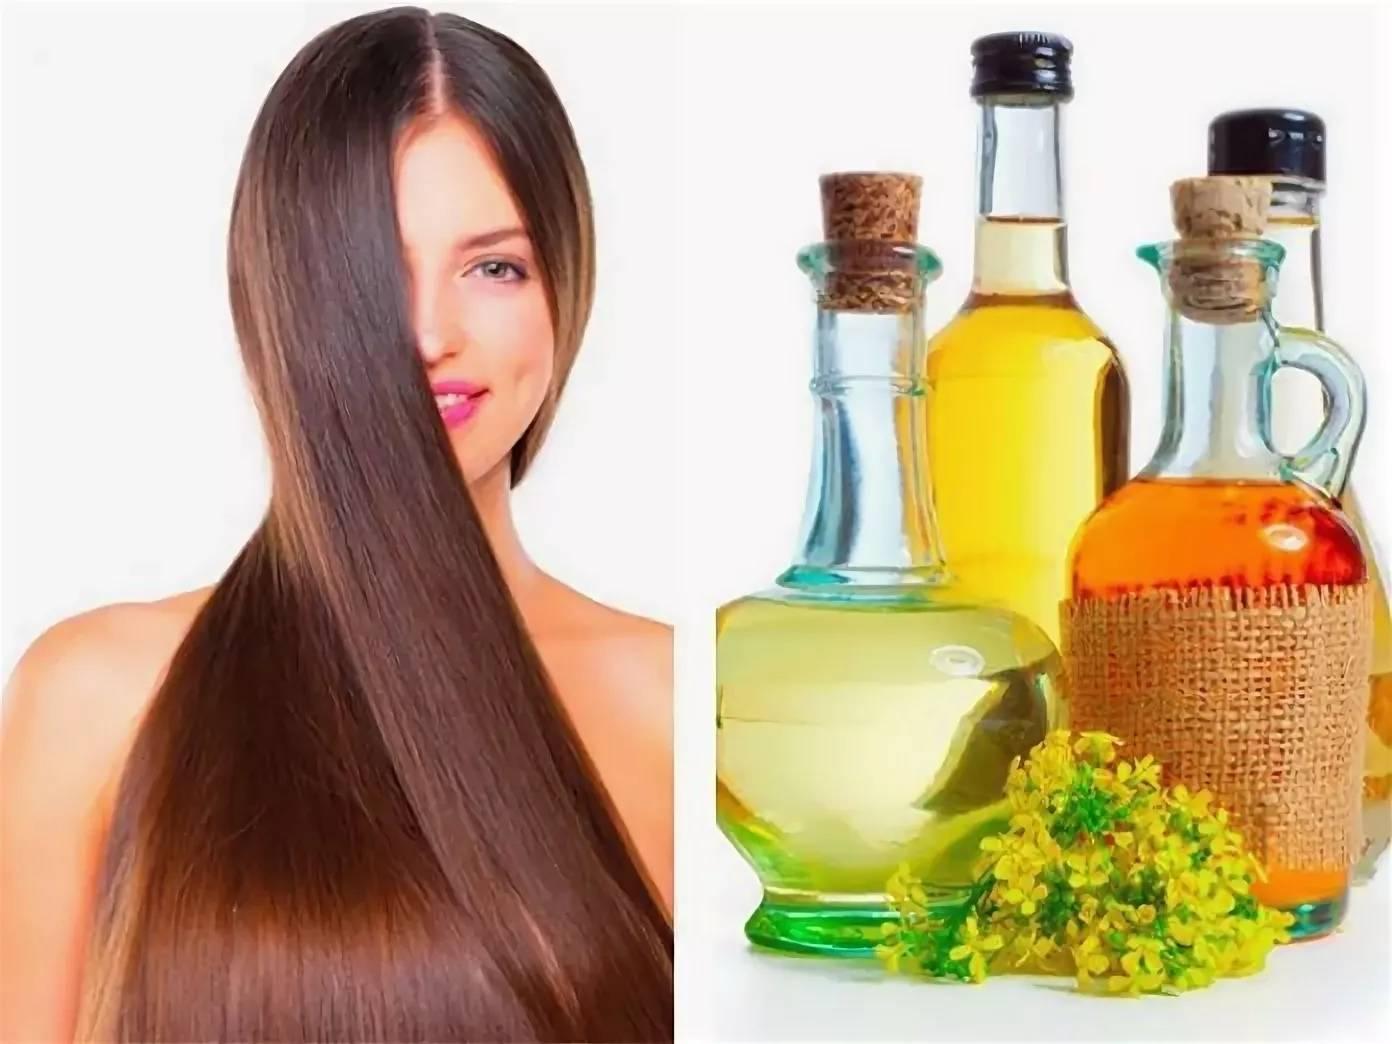 Как увлажнить сухие волосы и чем смягчить очень ломкие: лучшие средства для увлажнения